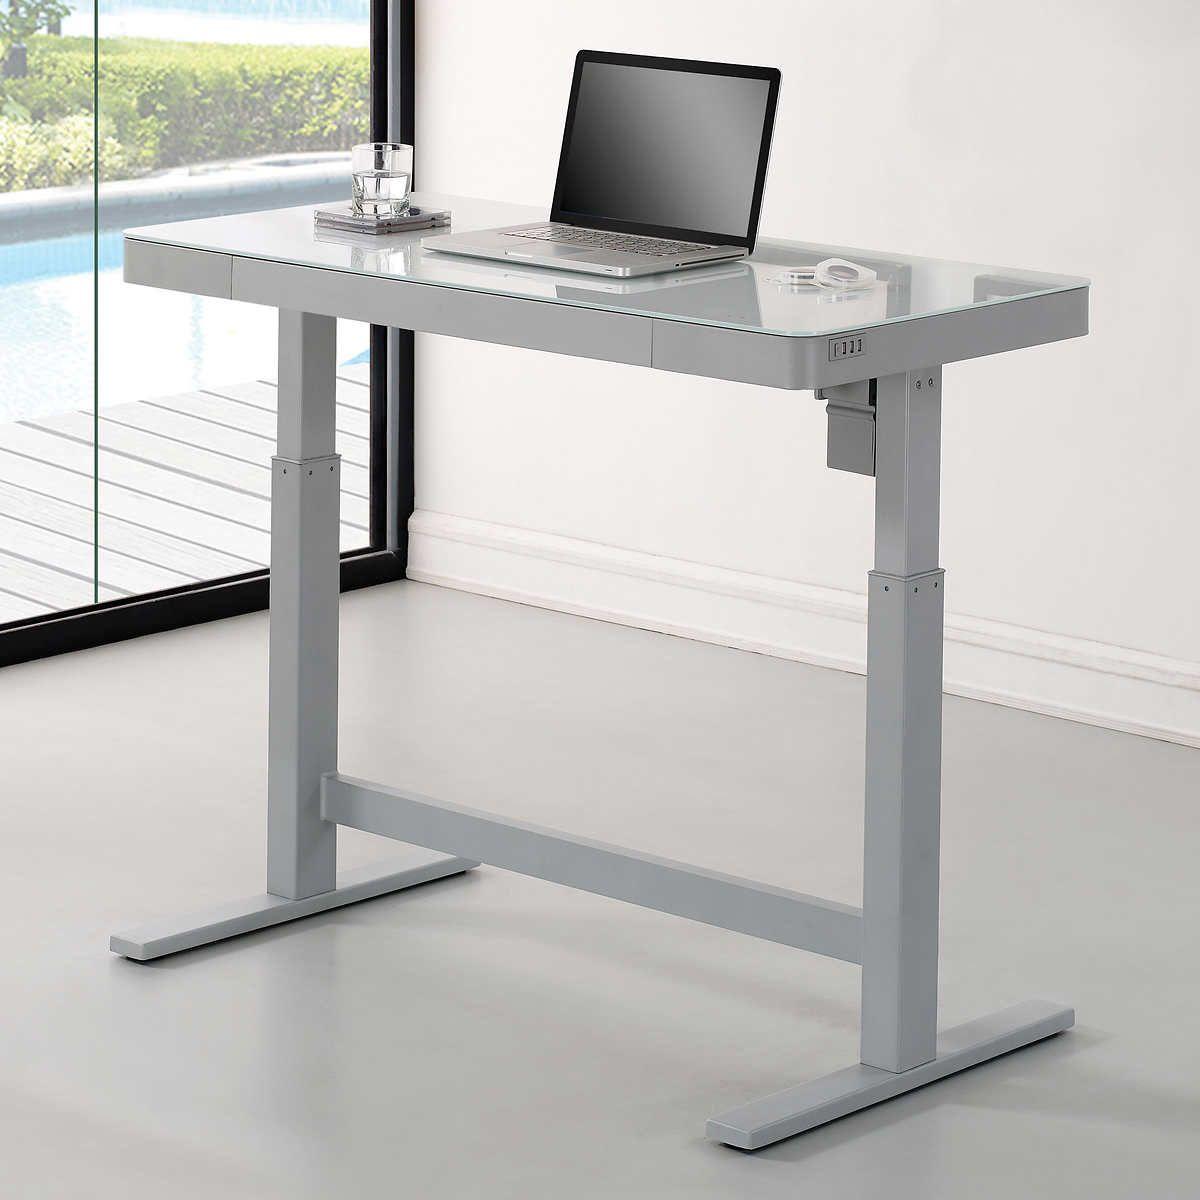 Tresanti Adjustable Height Desk  Adjustable height desk